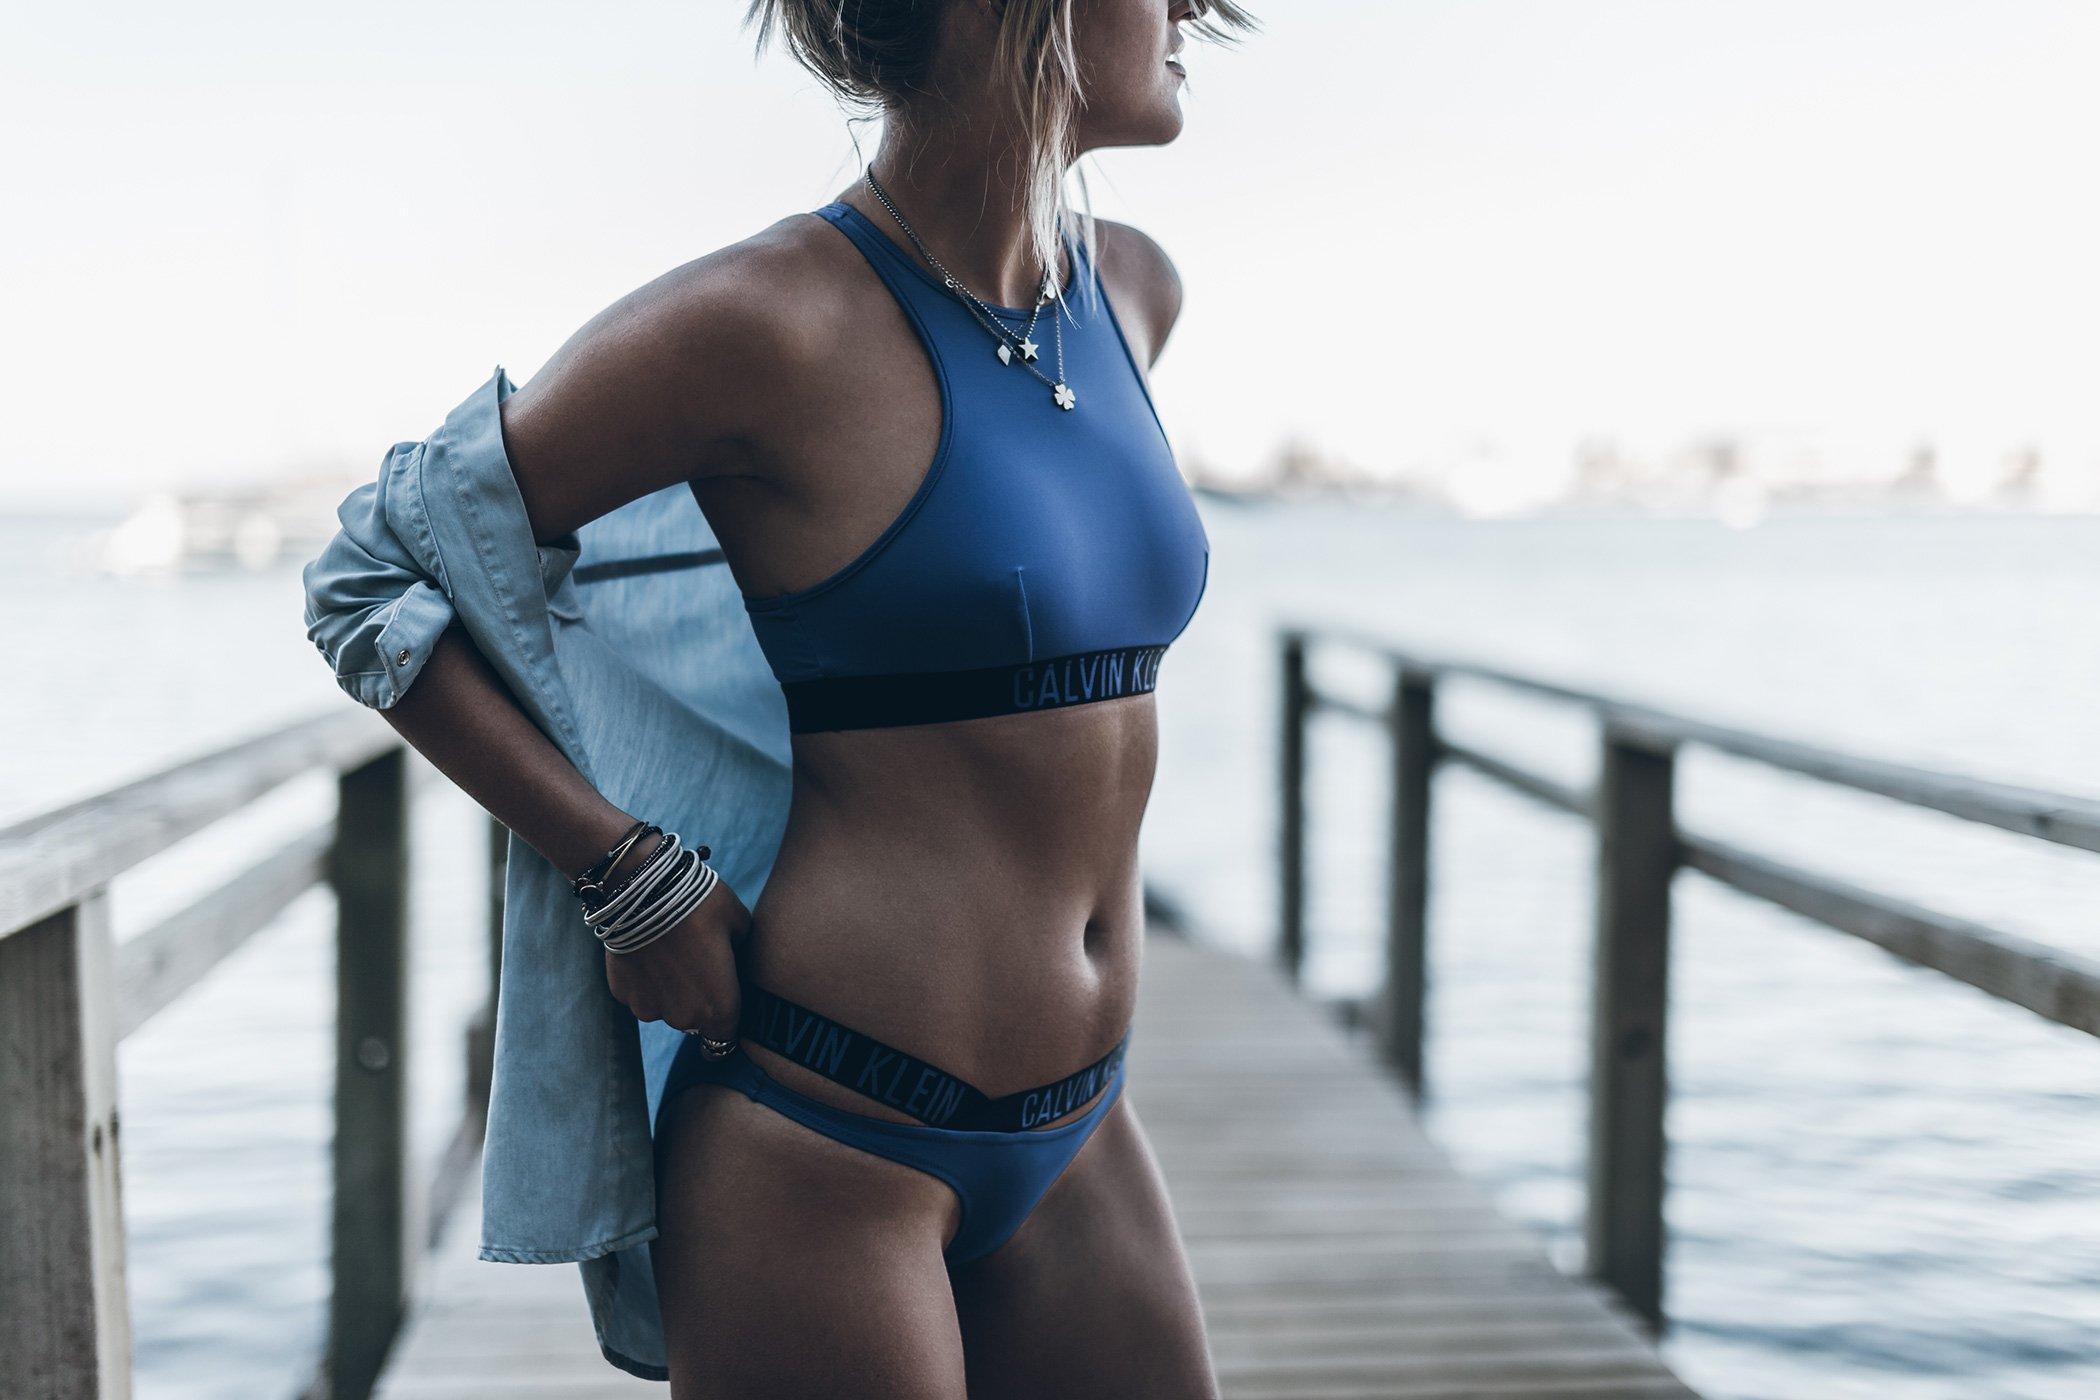 mikuta-calvin-klein-bikini-3